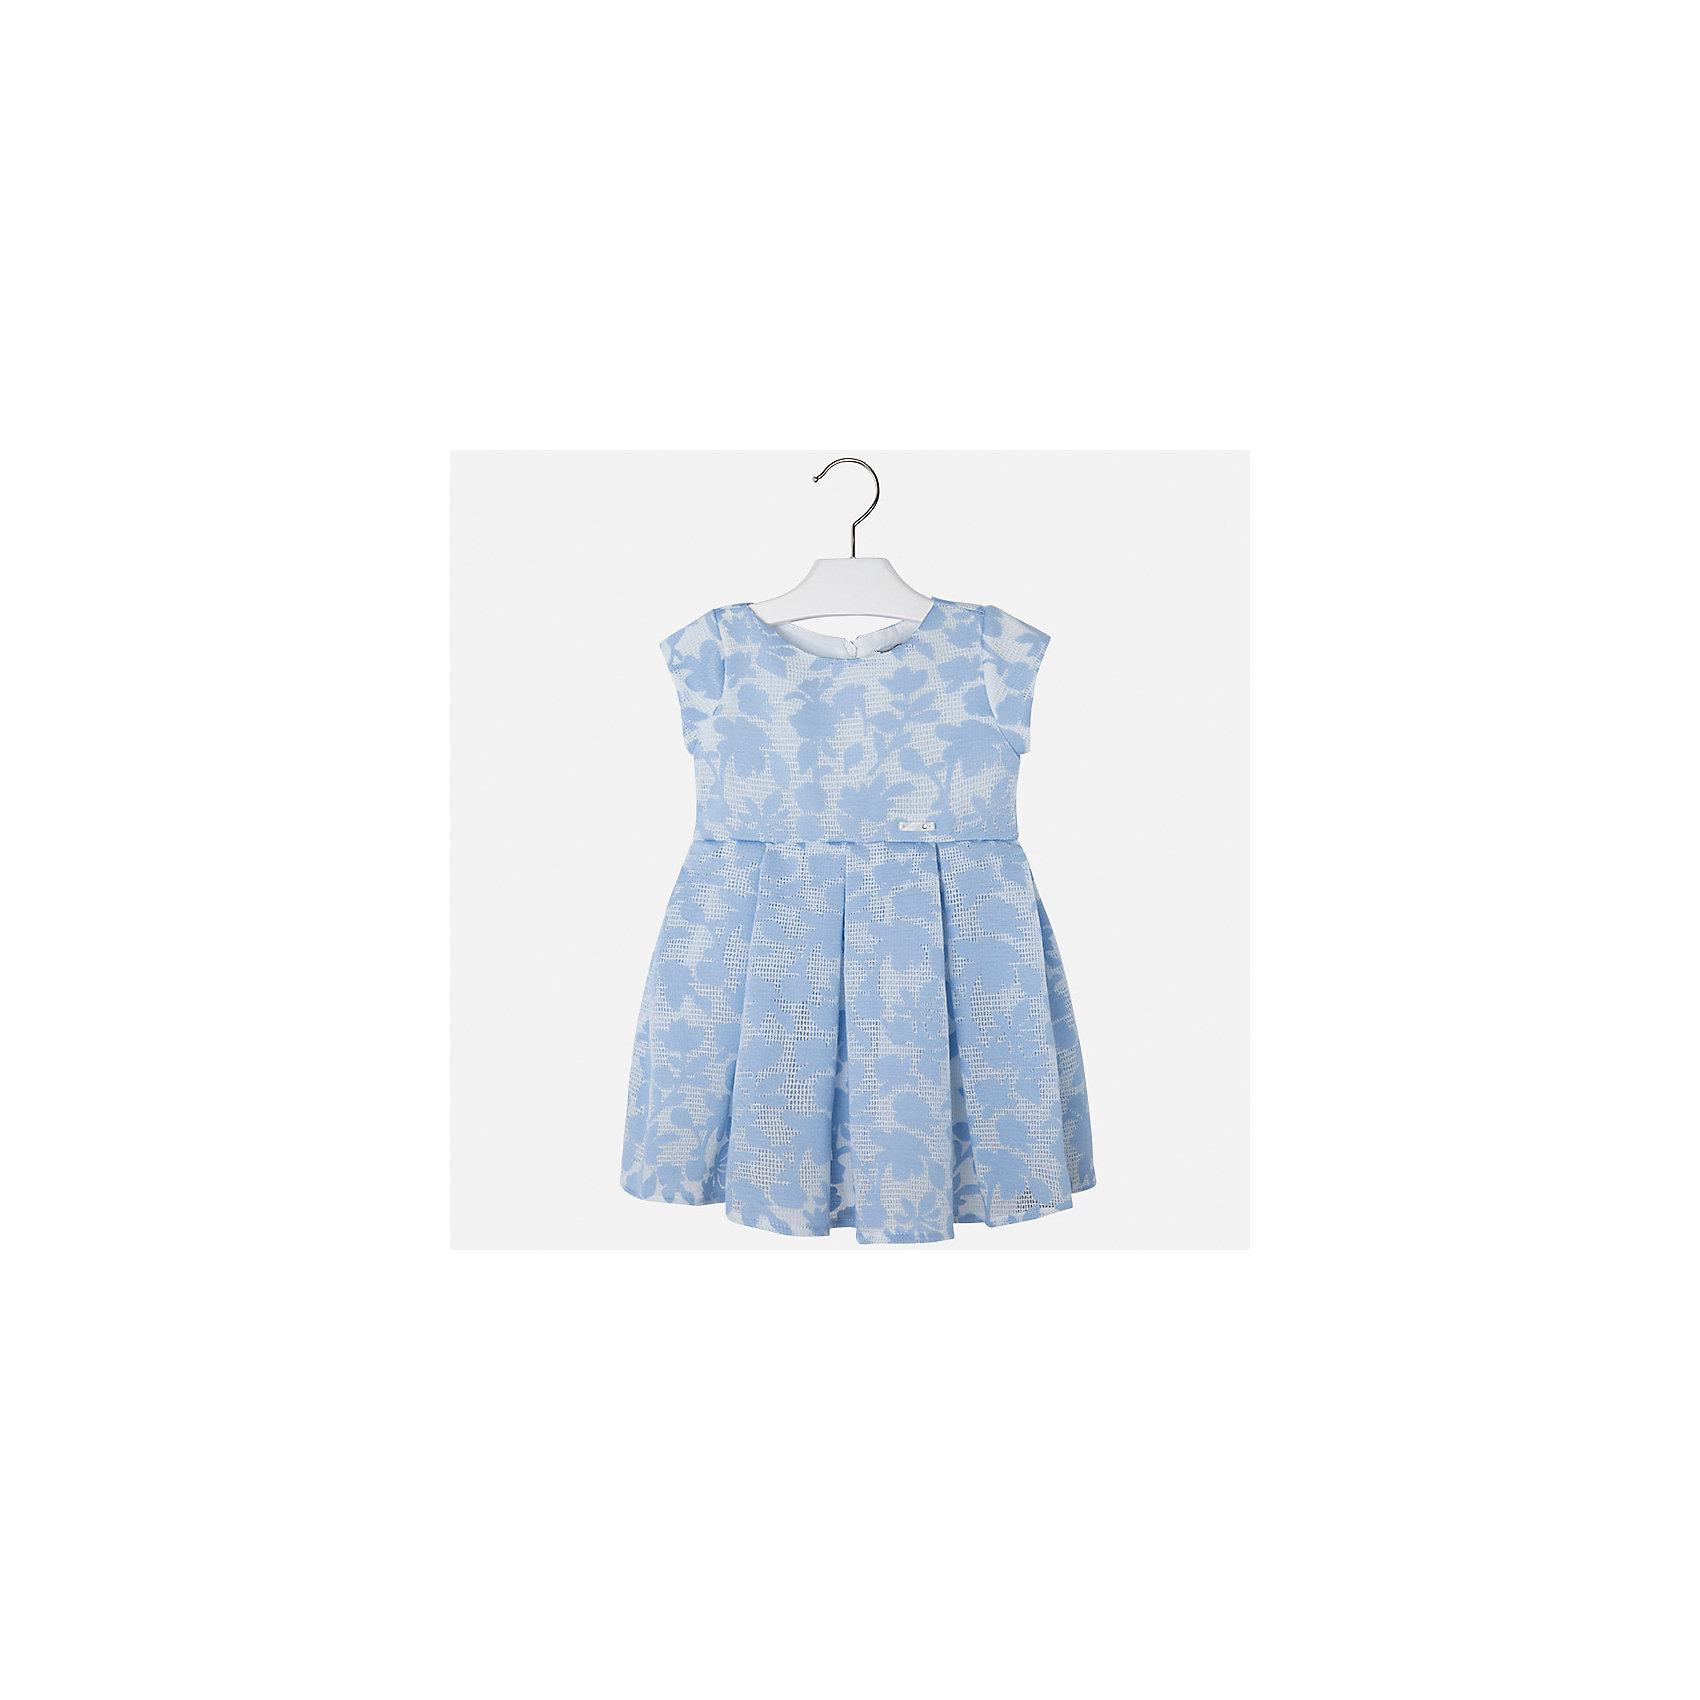 Платье для девочки MayoralОдежда<br>Характеристики товара:<br><br>• цвет: голубой<br>• состав: 64% полиэстер, 36% вискоза, подкладка - 80% полиэстер, 20% хлопок<br>• застежка: молния<br>• легкий материал<br>• набивной рисунок<br>• короткие рукава<br>• с подкладкой<br>• страна бренда: Испания<br><br>Красивое легкое платье для девочки поможет разнообразить гардероб ребенка и создать эффектный наряд. Оно подойдет и для торжественных случаев, может быть и как ежедневный наряд. Красивый оттенок позволяет подобрать к вещи обувь разных расцветок. В составе материала подкладки - натуральный хлопок, гипоаллергенный, приятный на ощупь, дышащий. Платье хорошо сидит по фигуре.<br><br>Одежда, обувь и аксессуары от испанского бренда Mayoral полюбились детям и взрослым по всему миру. Модели этой марки - стильные и удобные. Для их производства используются только безопасные, качественные материалы и фурнитура. Порадуйте ребенка модными и красивыми вещами от Mayoral! <br><br>Платье для девочки от испанского бренда Mayoral (Майорал) можно купить в нашем интернет-магазине.<br><br>Ширина мм: 236<br>Глубина мм: 16<br>Высота мм: 184<br>Вес г: 177<br>Цвет: голубой<br>Возраст от месяцев: 60<br>Возраст до месяцев: 72<br>Пол: Женский<br>Возраст: Детский<br>Размер: 116,134,128,122,110,104,98<br>SKU: 5291007